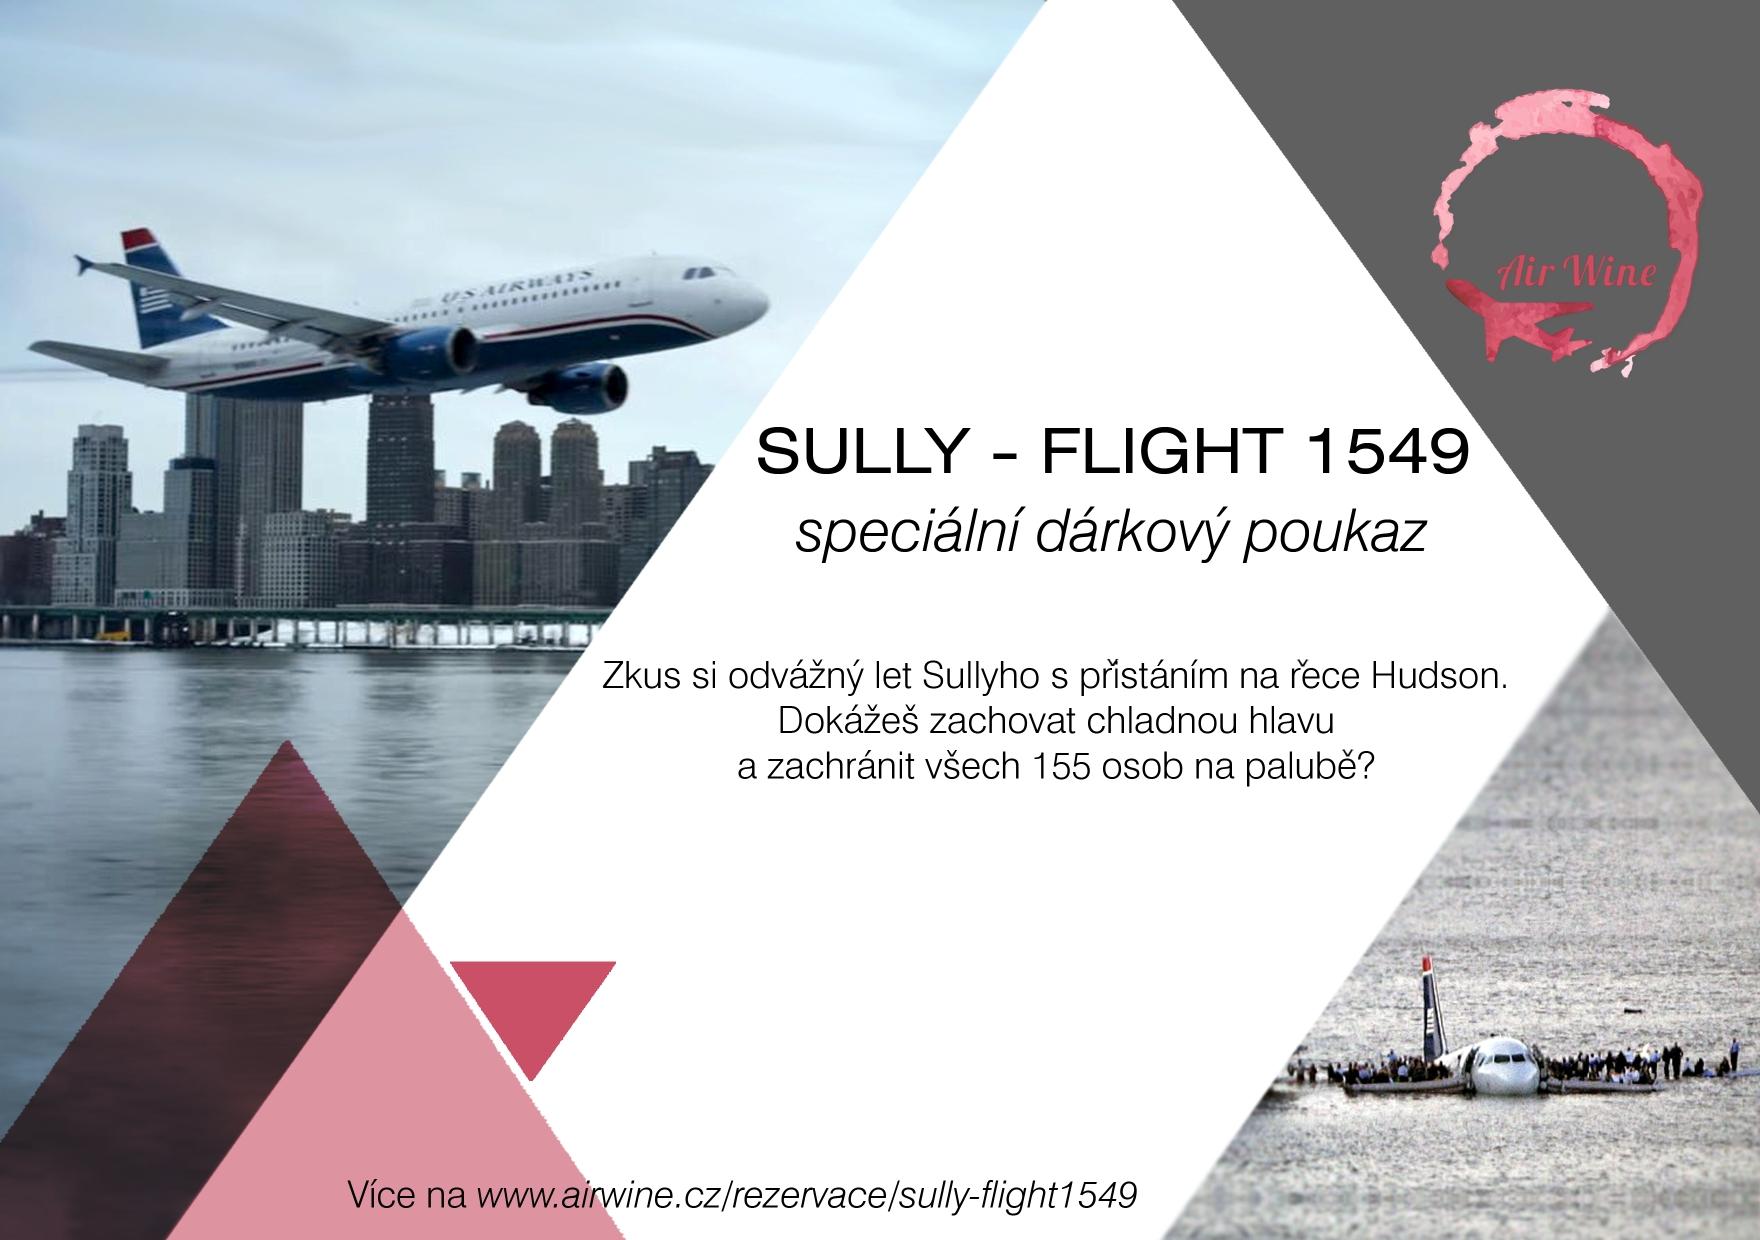 Sully - Flight 1549 Přistání na řece Hudson.